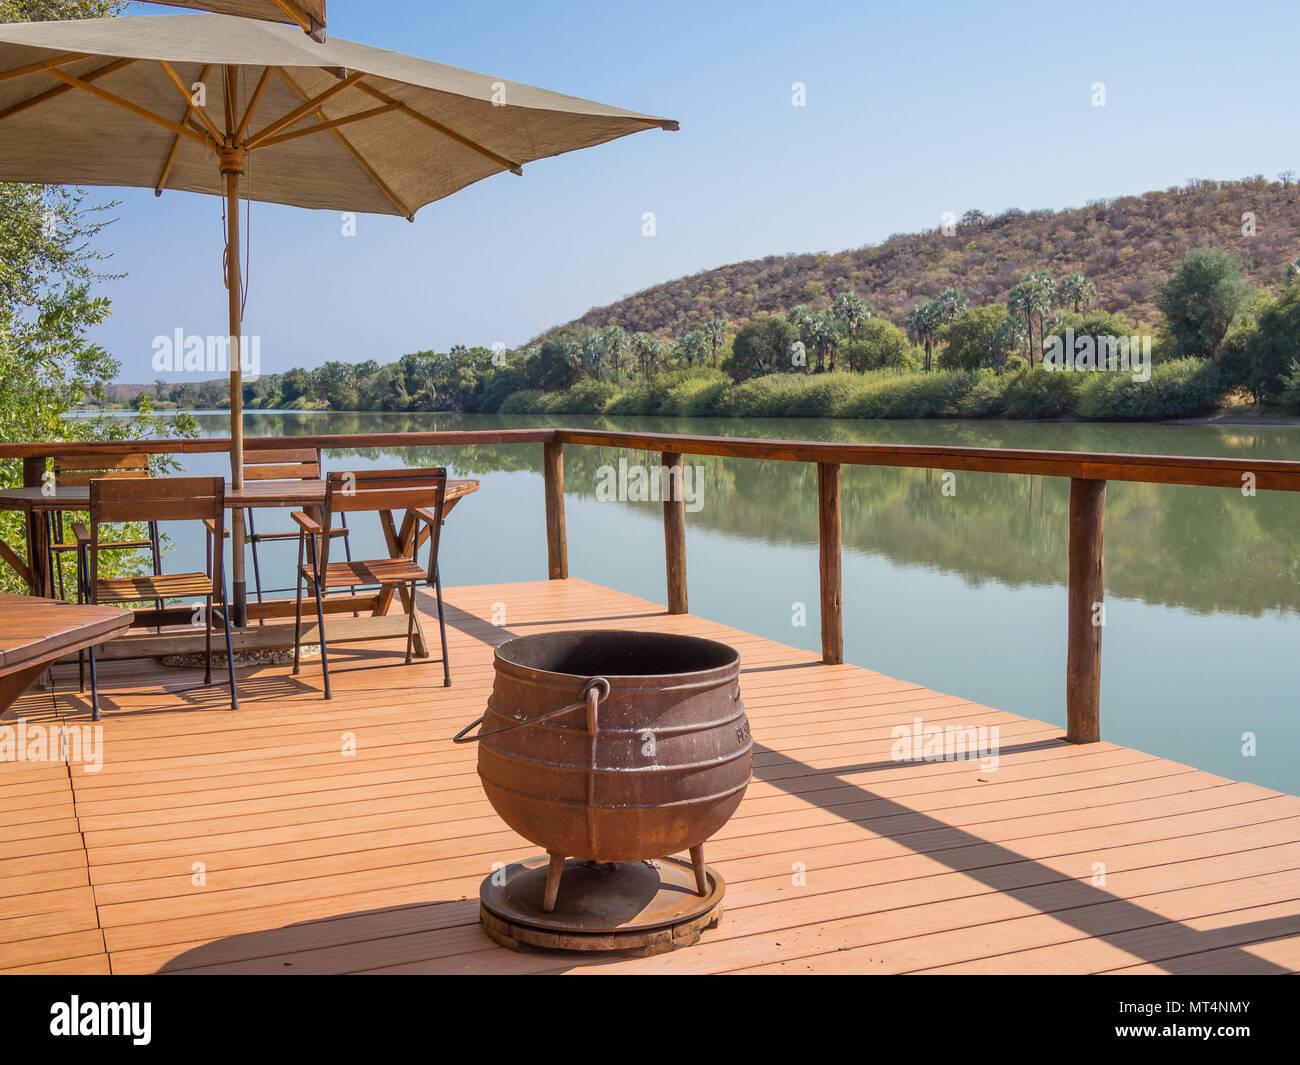 Terrasse Bois Et Fer ruacana, namibie - juillet 22, 2015 : terrasse en bois avec